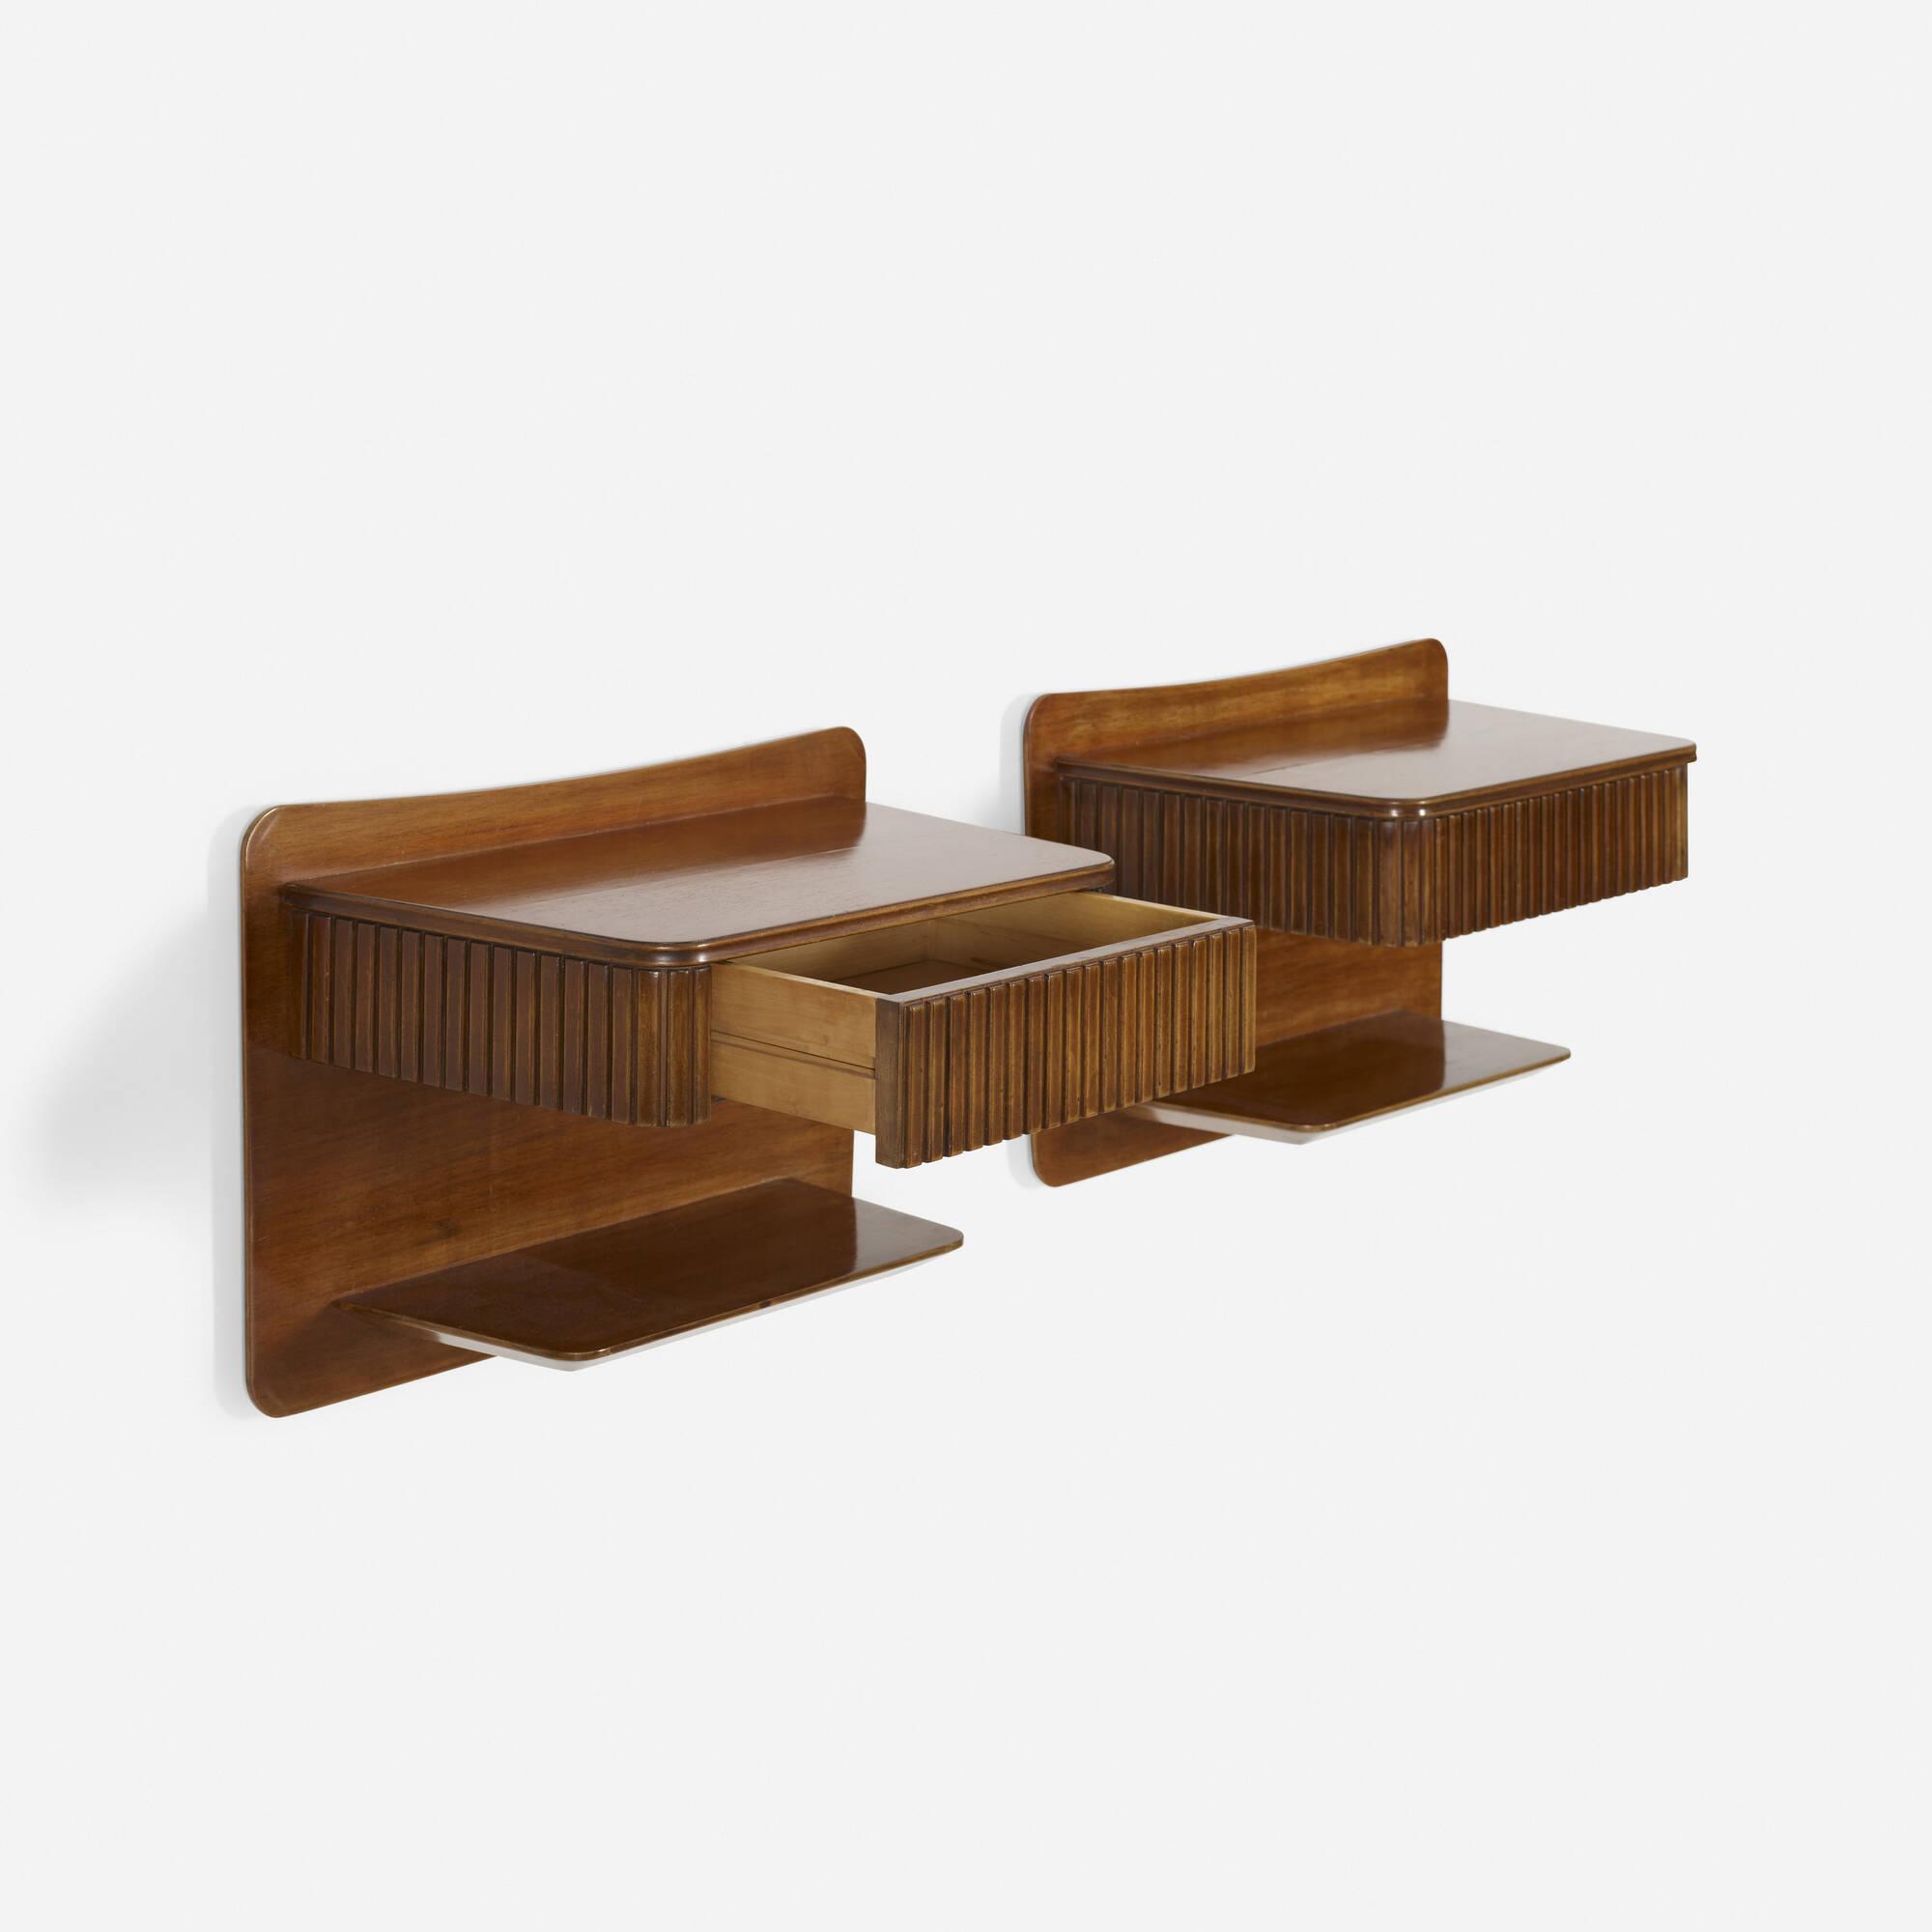 304: Osvaldo Borsani / nightstands, pair (1 of 2)